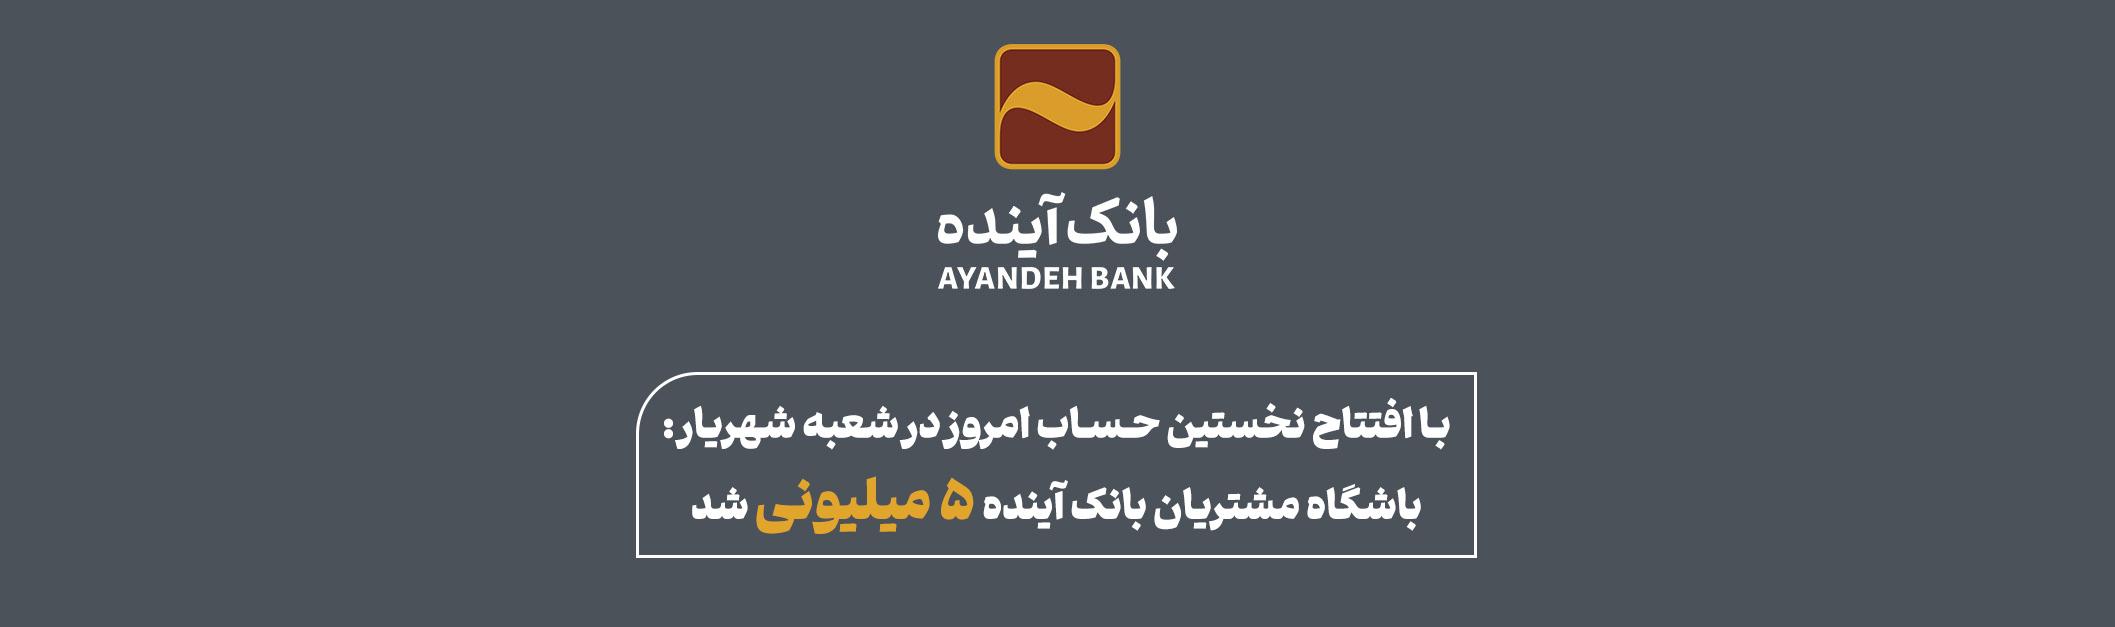 بانک آینده 5 میلیونی